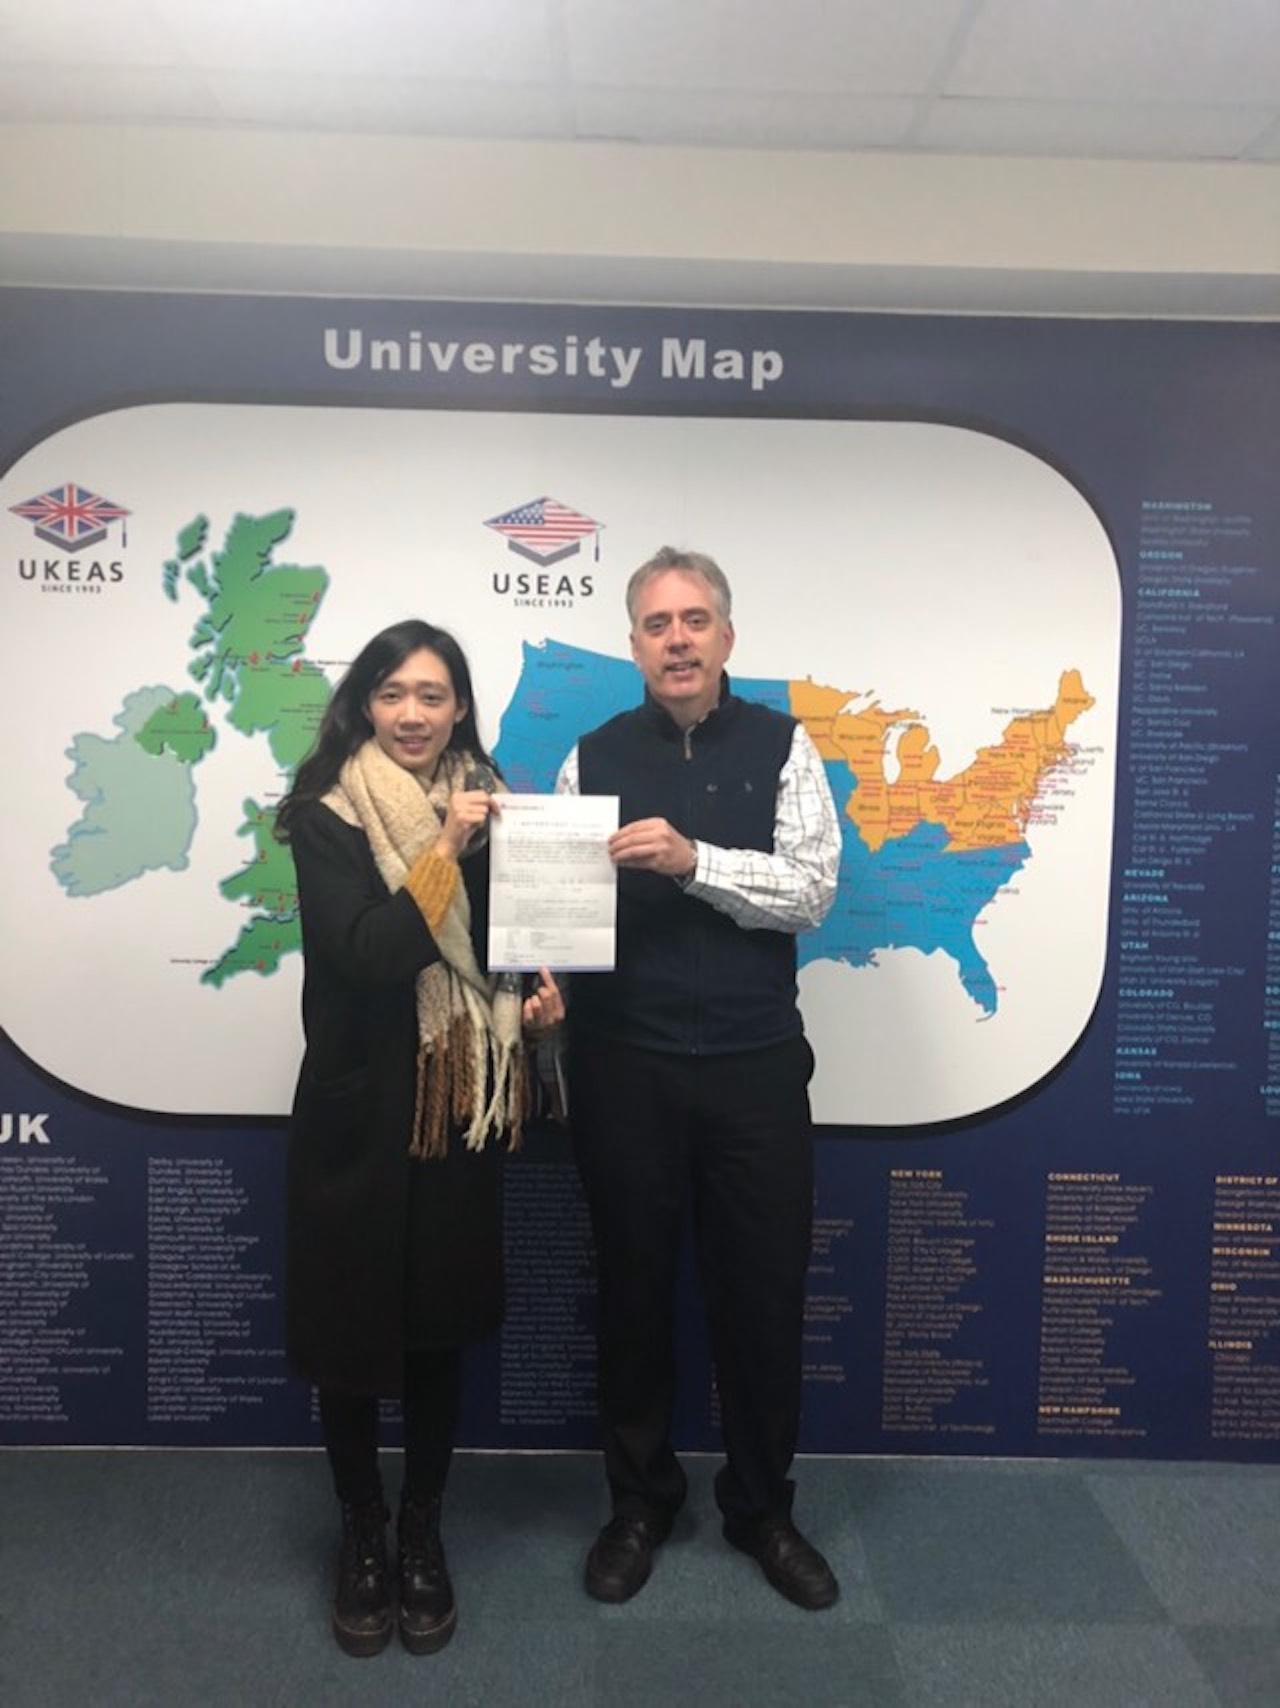 恭喜敏華同學參加 UK UniTour 獲得華航直航倫敦來回機票